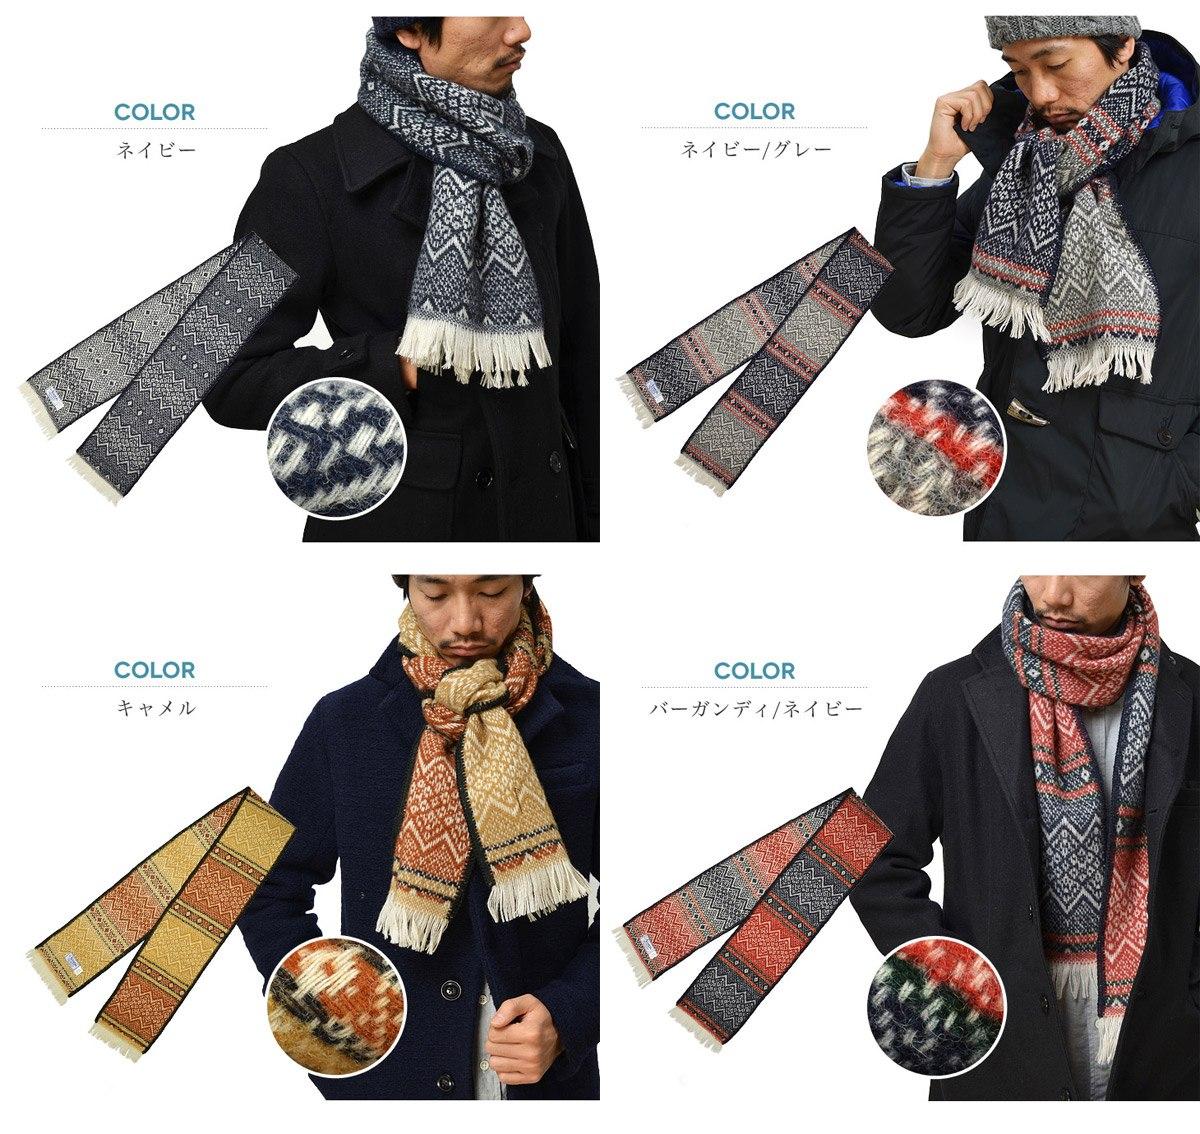 亚曼纳毛纺厂 (亚曼纳毛纺厂) 北欧羊毛围巾 / 消声器 /NORDIC 羊毛围巾